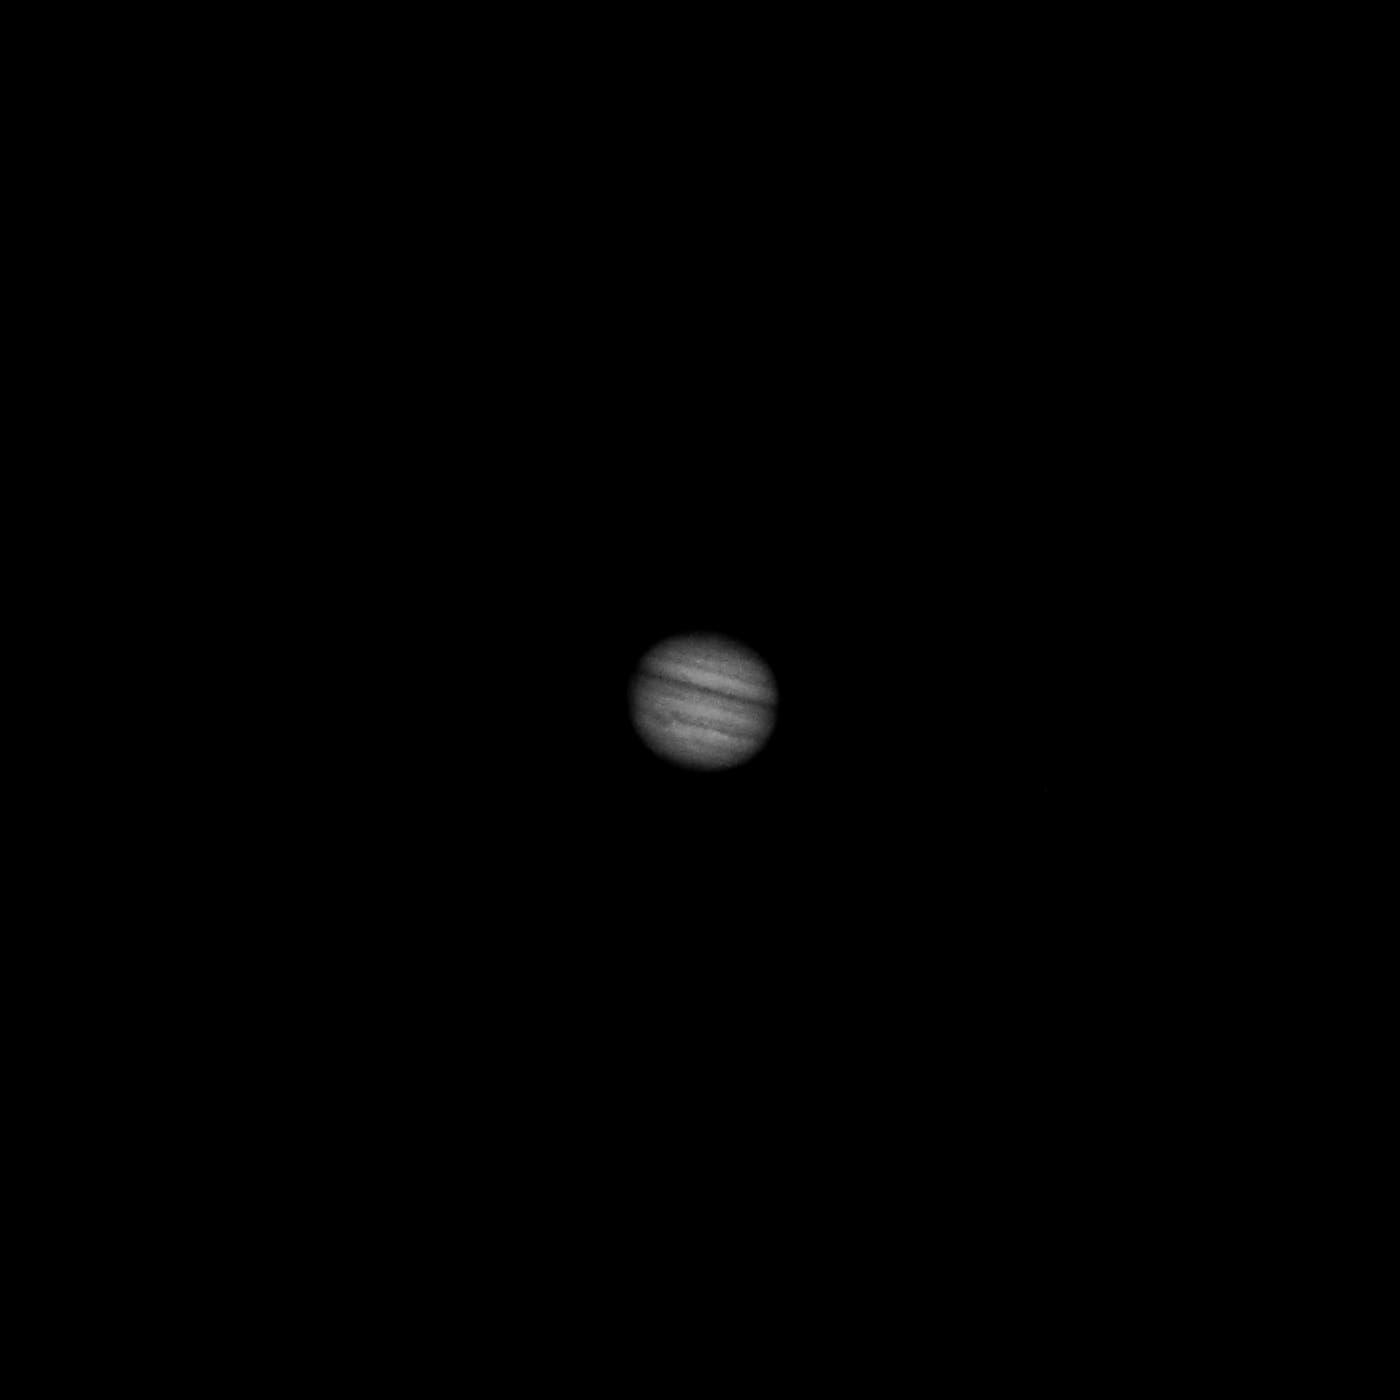 Ein kleiner Jupiter